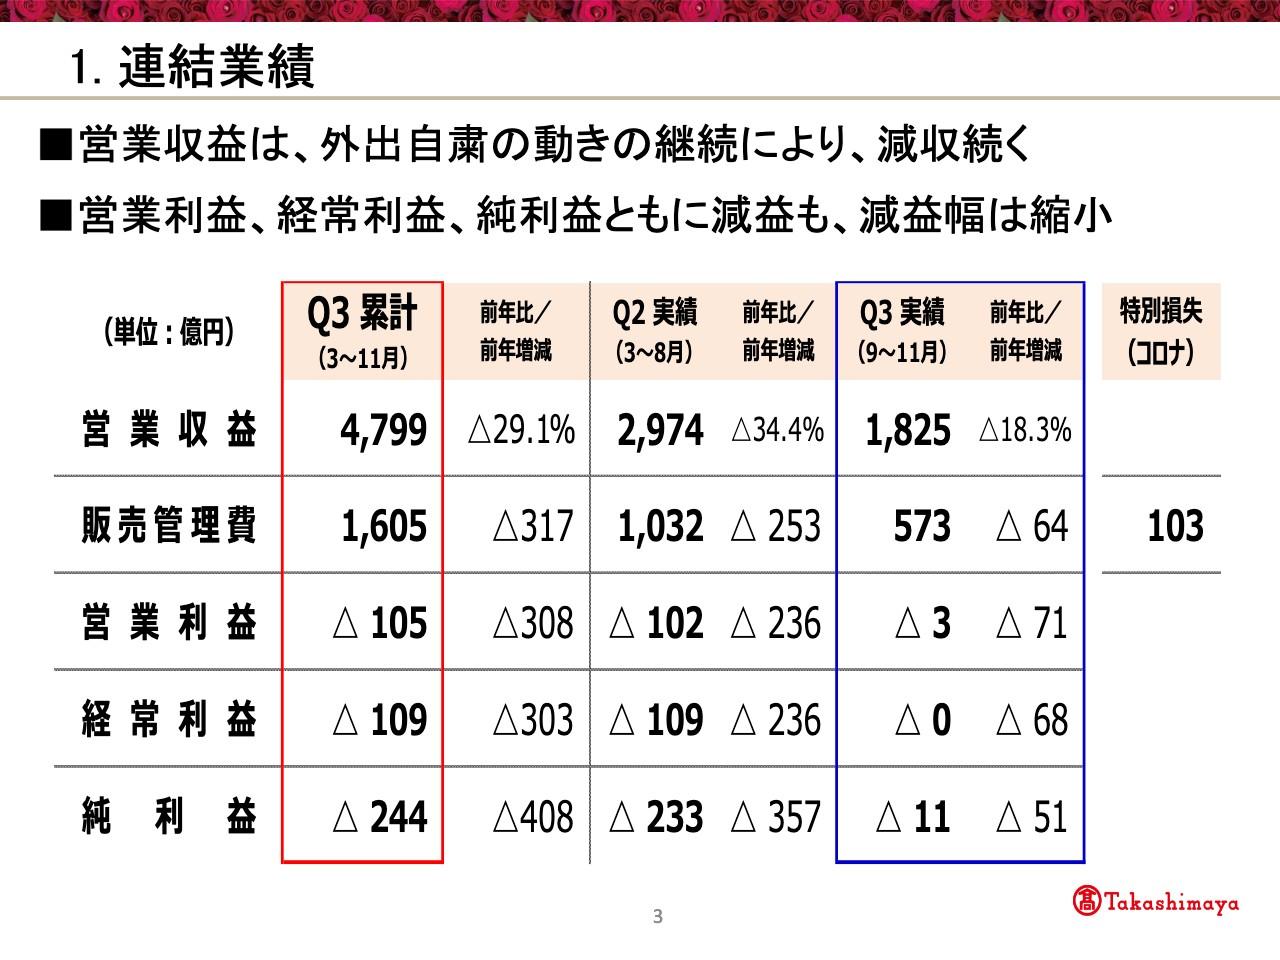 高島屋、コロナ影響による外出自粛の動きが続き3Qは減収減益 10月公表の計画は据え置き